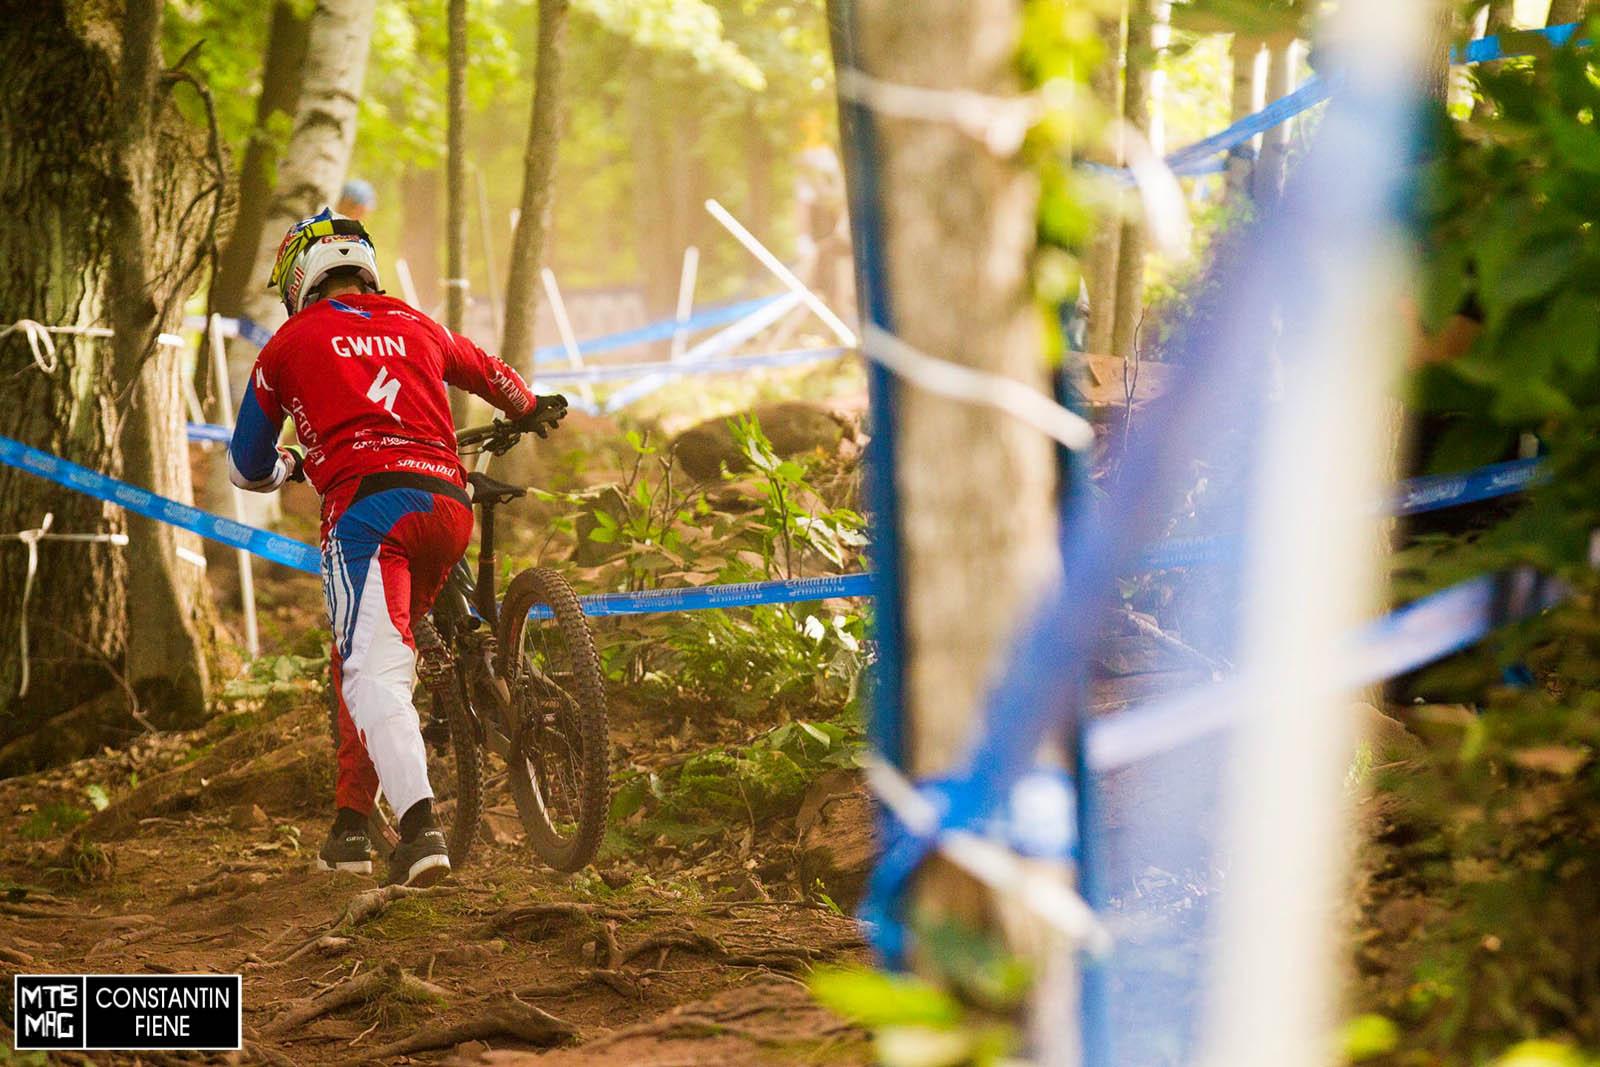 Aaron Gwin nutzt die letzte Abfahrt des Tages, um noch ein, zwei Sektionen genauer unter die Lupe nehmen zu können.